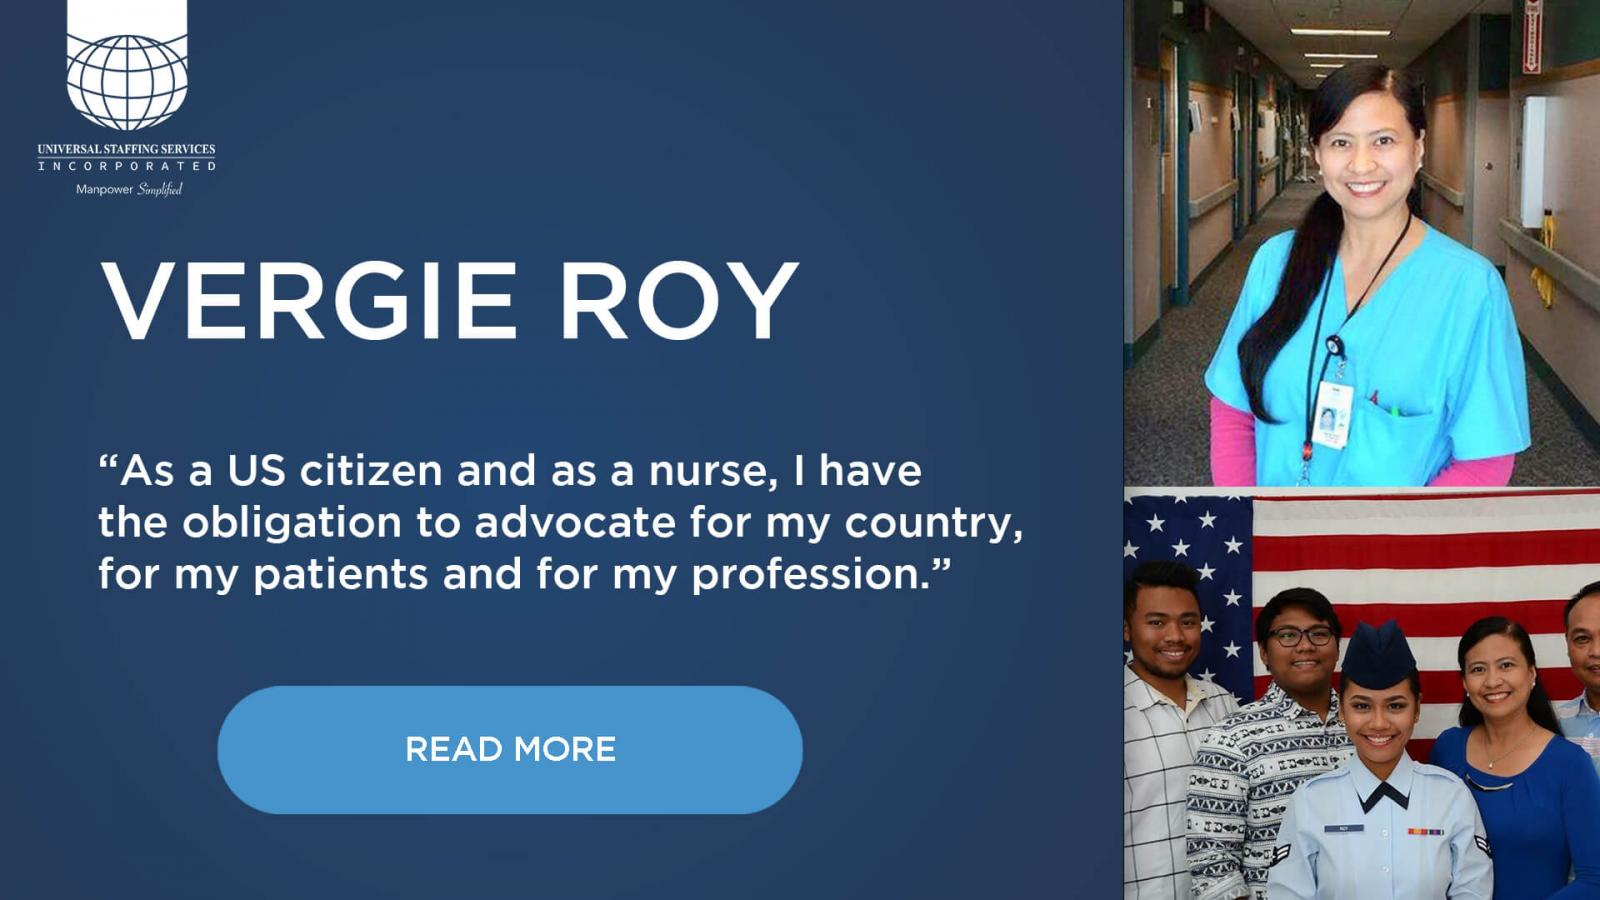 Virgie Roy